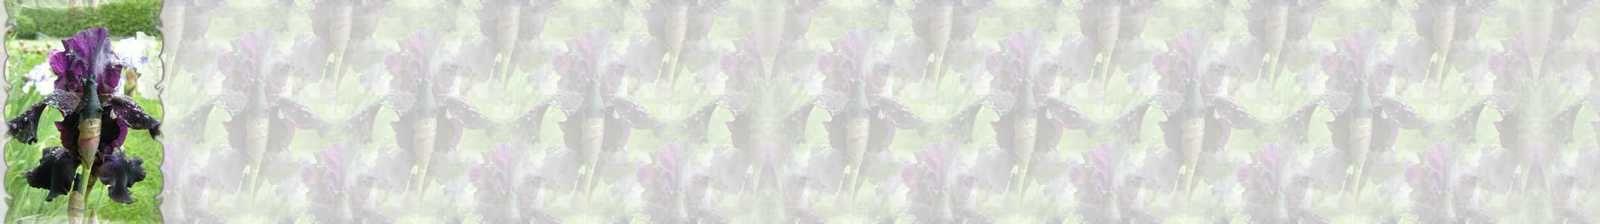 Fleur Iris superstition Incredimail &amp&#x3B; Papier A4 h l &amp&#x3B; outlook &amp&#x3B; enveloppe &amp&#x3B; 2 cartes A5 &amp&#x3B; signets 3 langues  fleur_iris_Superstition_dscn1410_00